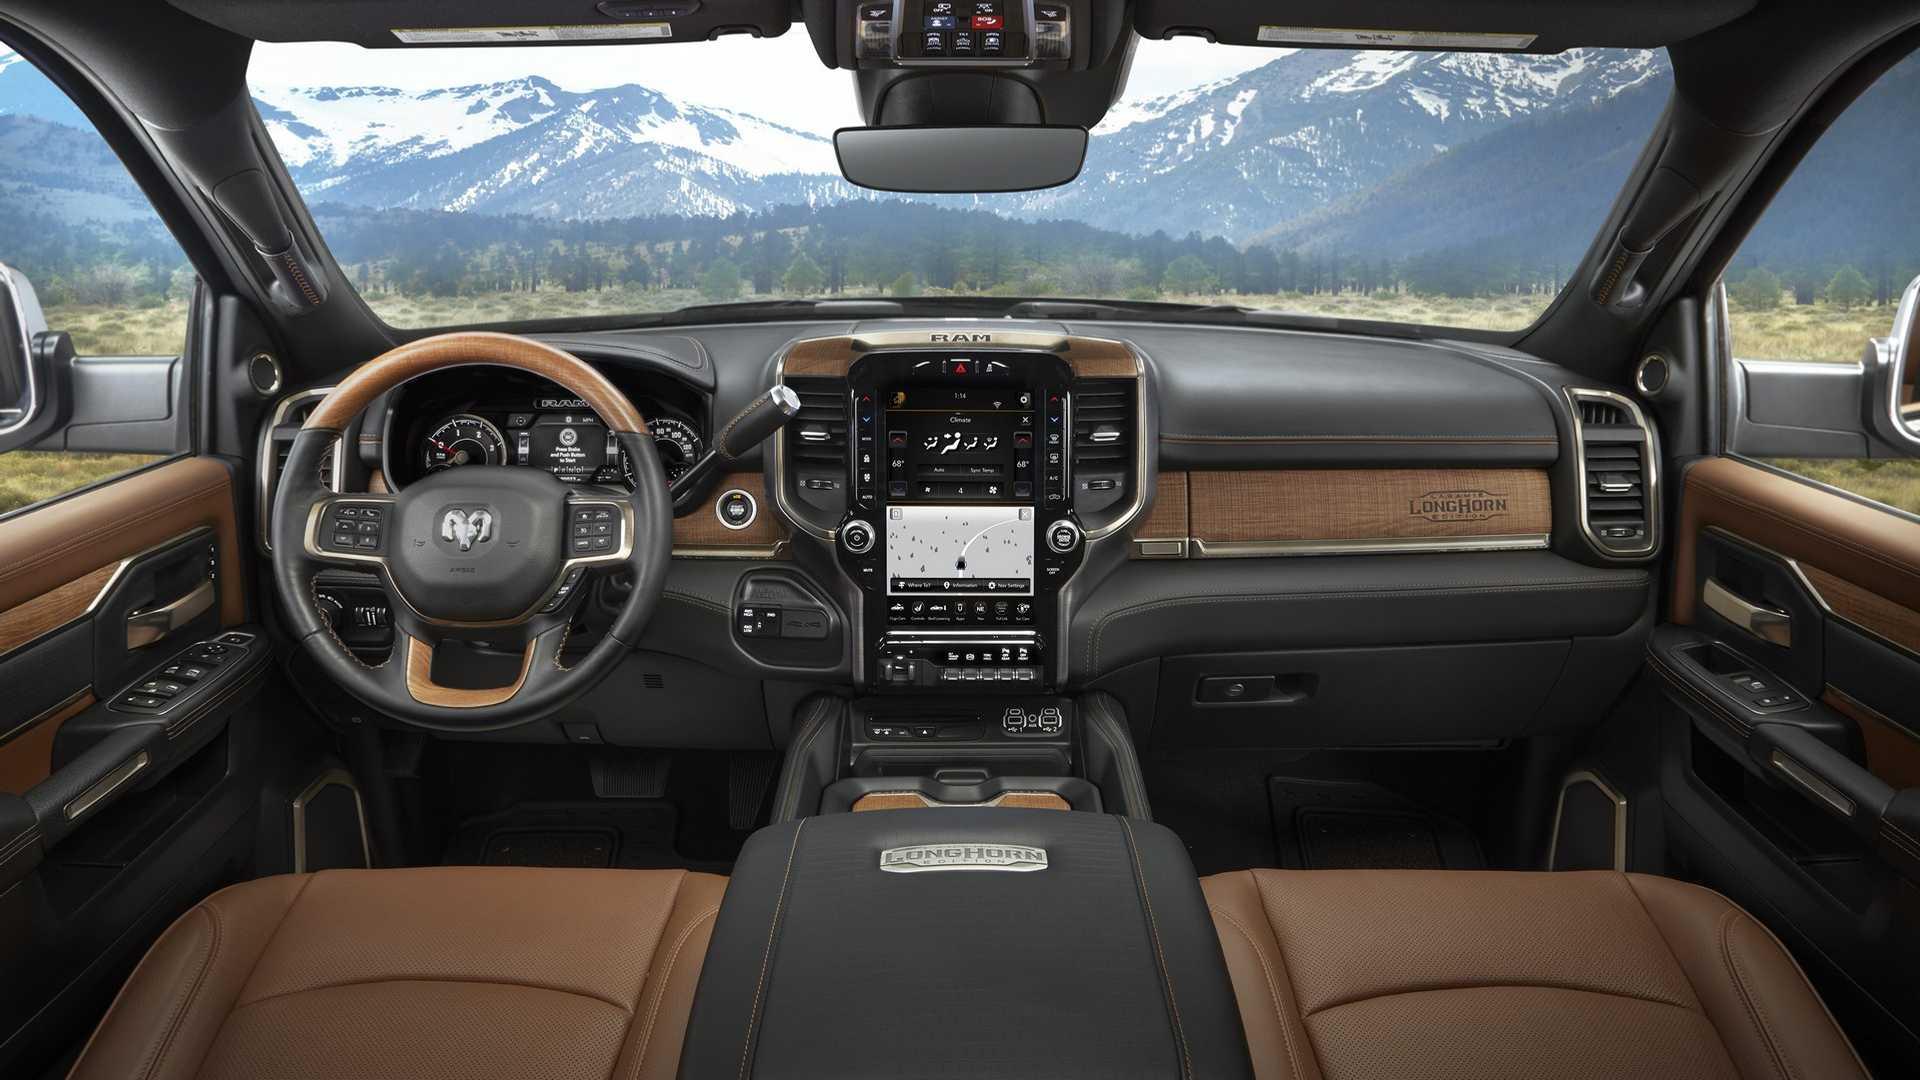 2019-ram-heavy-duty-interior (69)